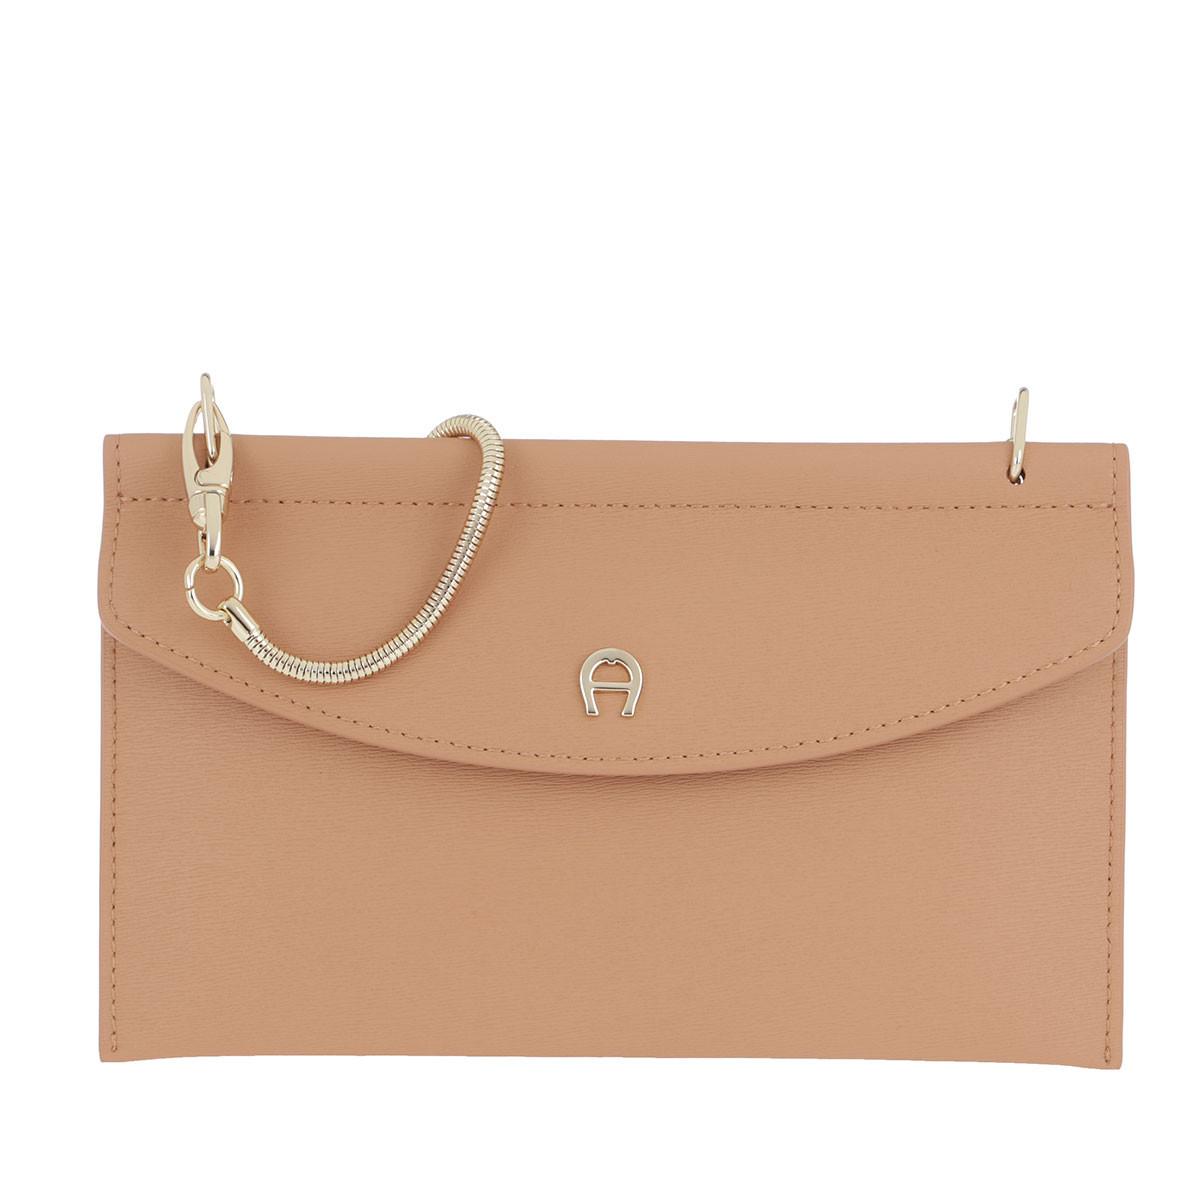 Aigner Umhängetasche - Fashion Smartphone Bag Vacchetta Brown - in beige - für Damen